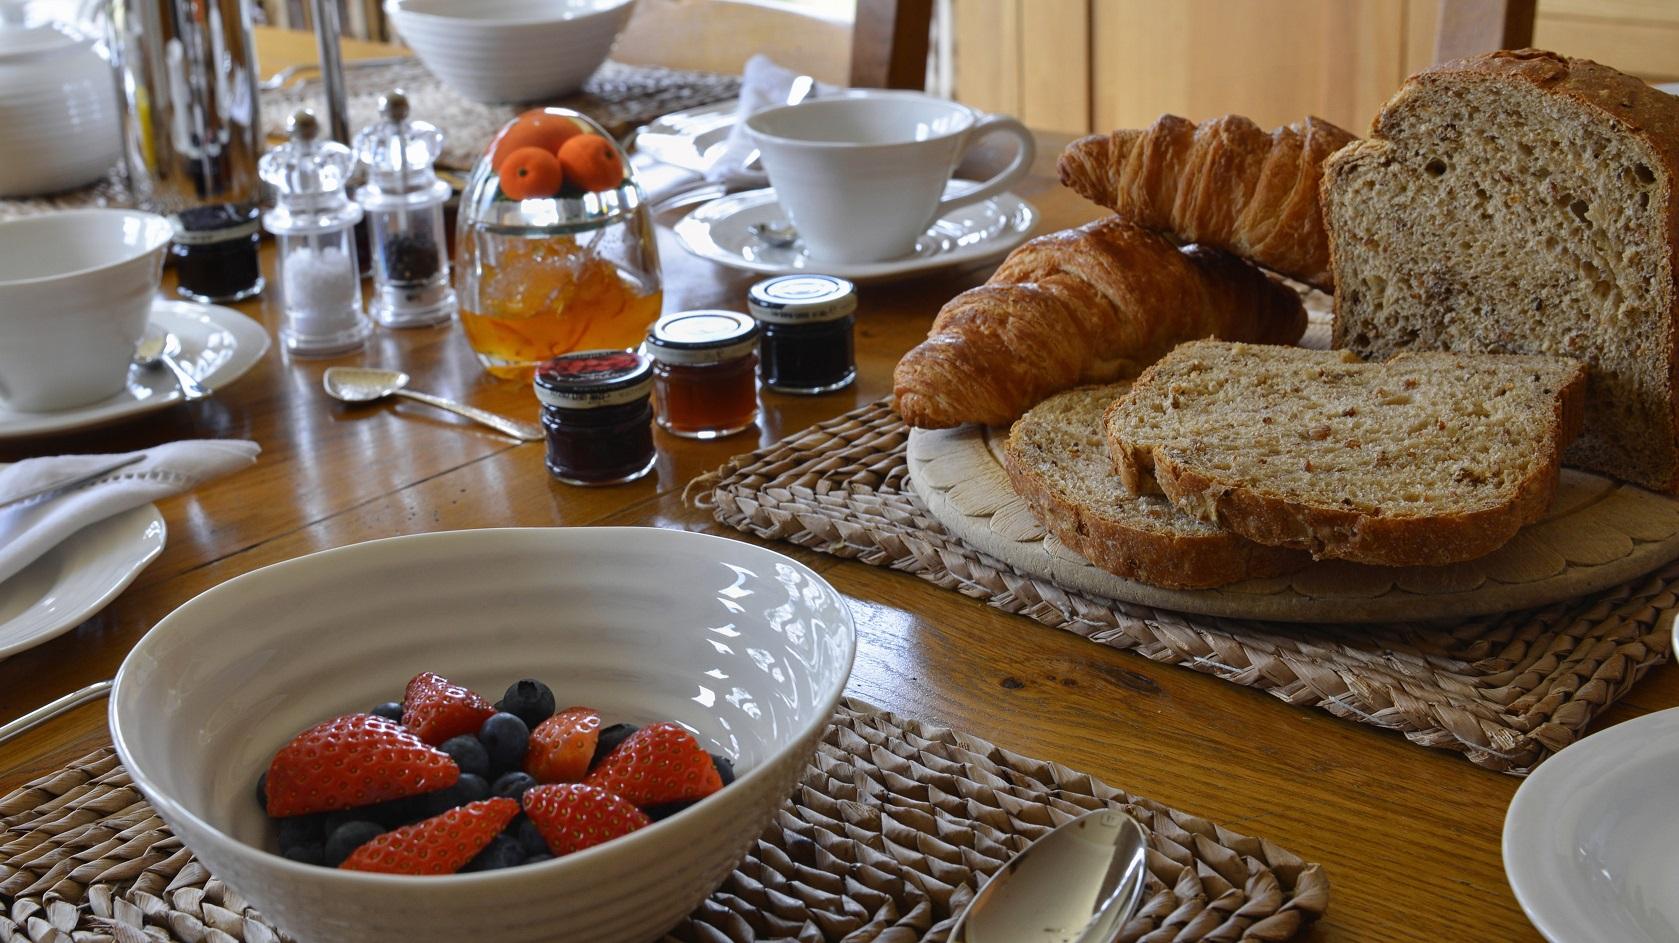 Breakfast at Brae House in Aberfeldy